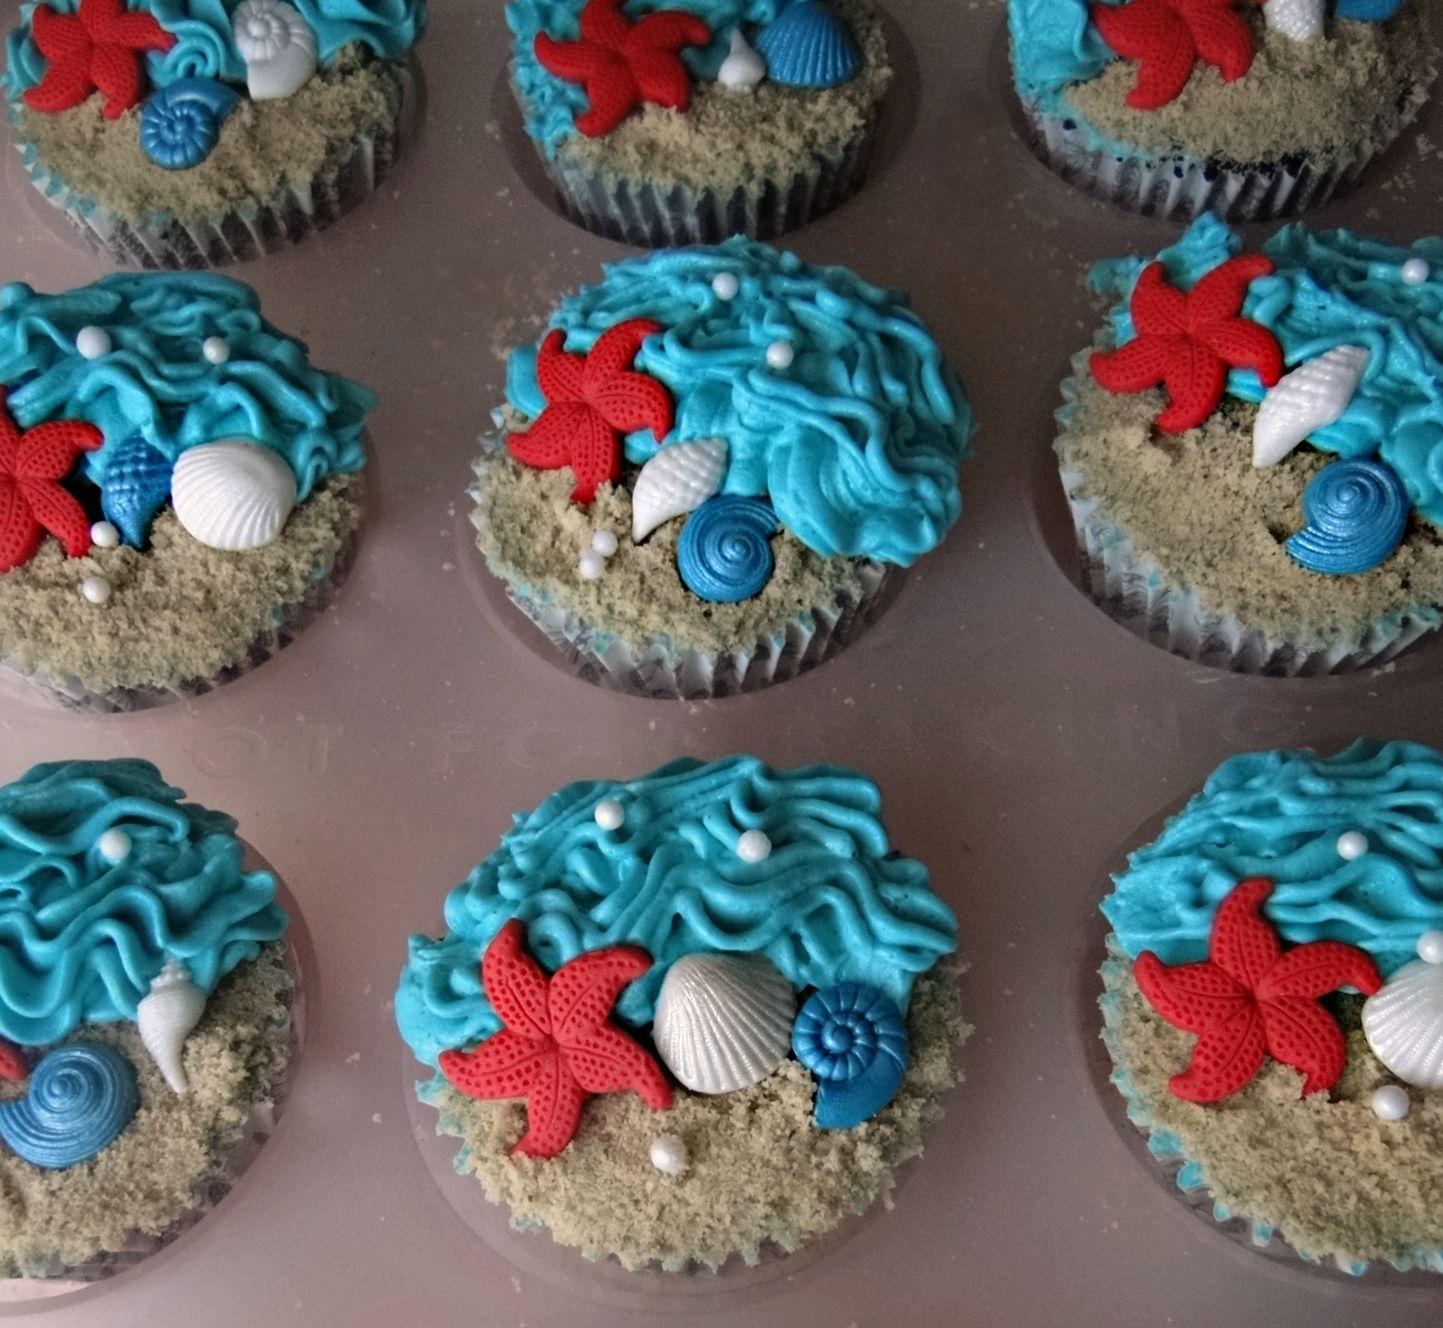 Beach Wedding Cupcakes Cupcake Ideas With A Beach Theme Cupcake